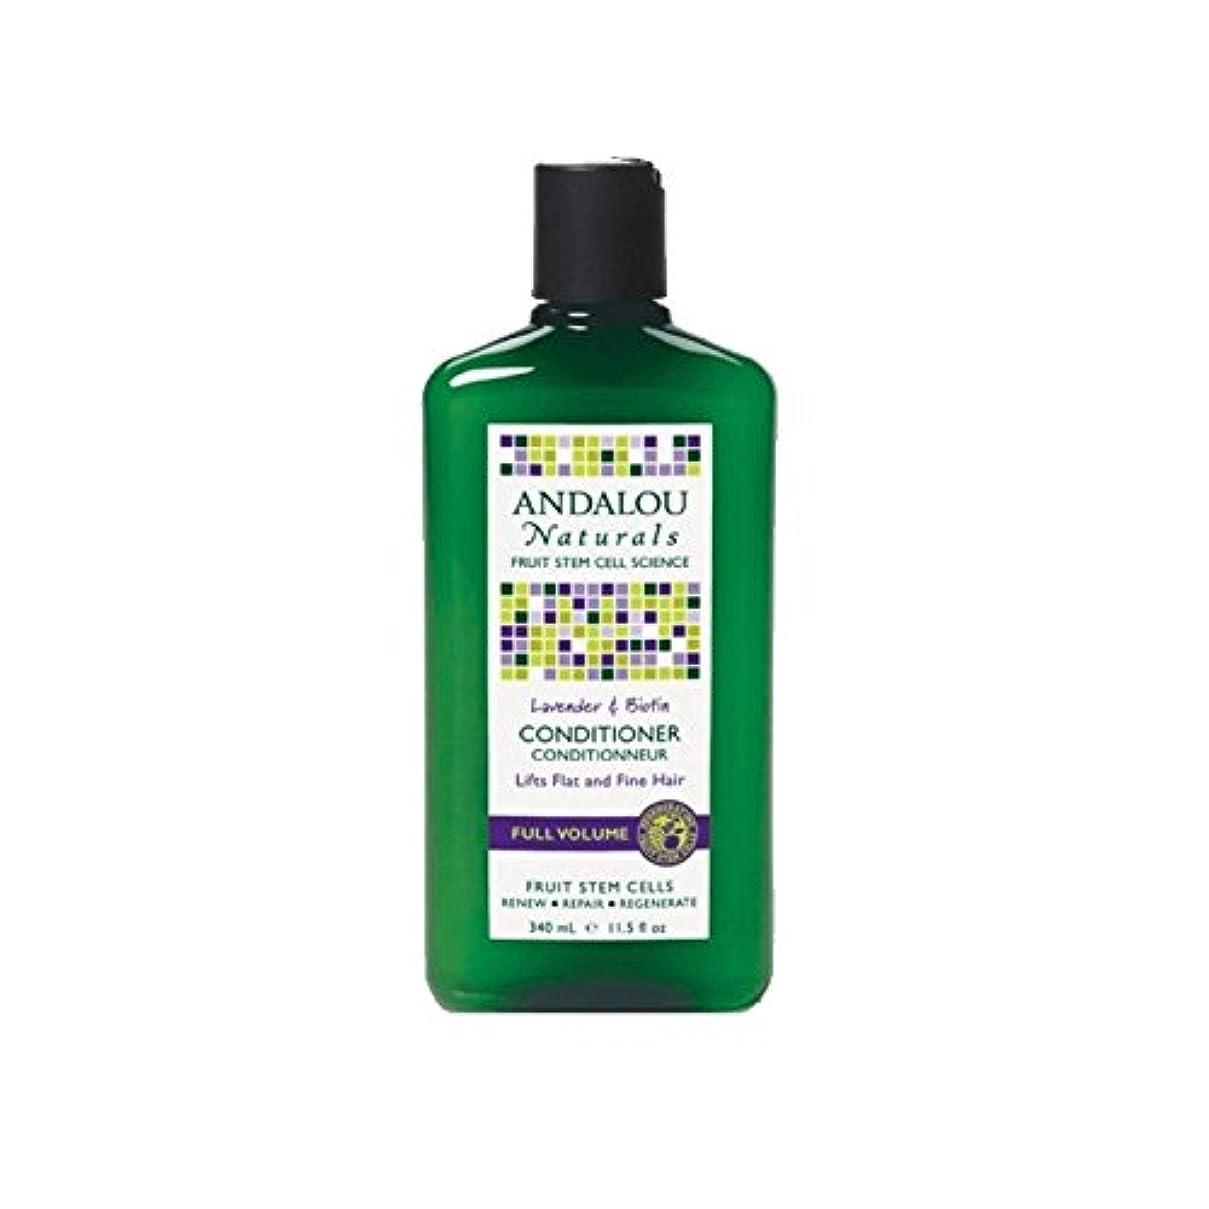 ポインタ郵便局エキスアンダロウラベンダー&ビオチンフルボリュームコンディショナー340ミリリットル - Andalou Lavender & Biotin Full Volume Conditioner 340ml (Andalou) [並行輸入品]